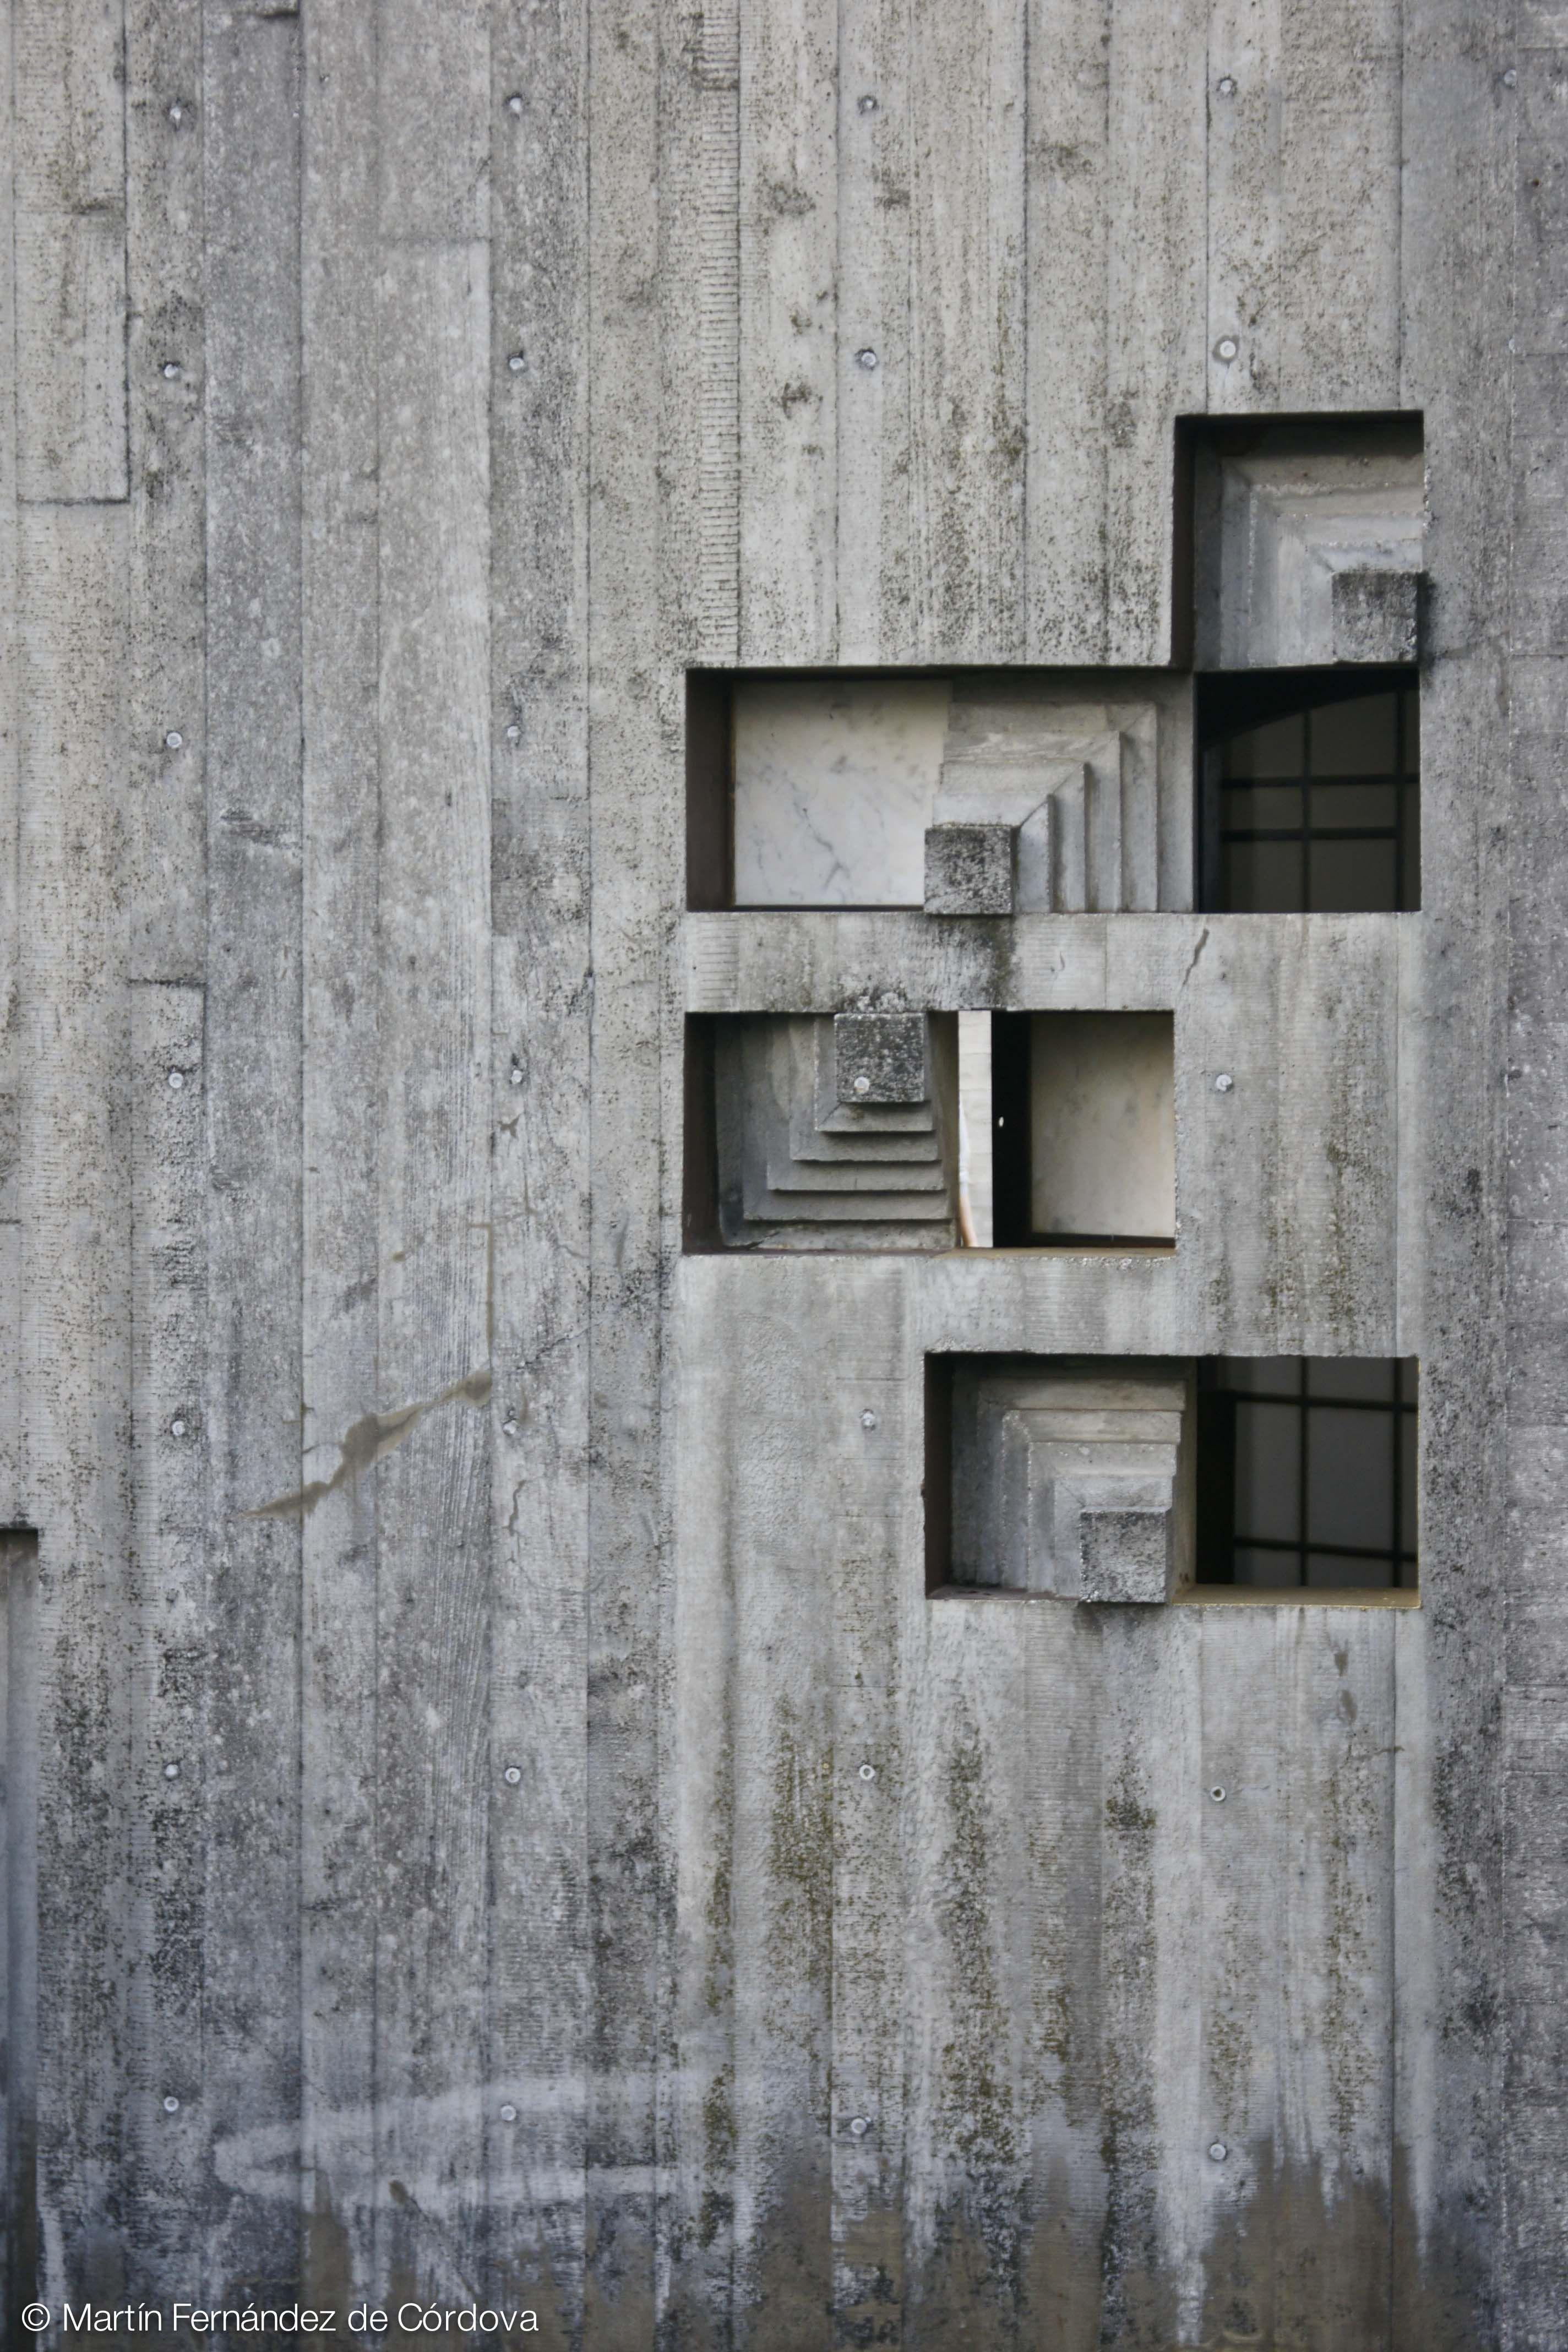 Carlo scarpa brion cementery arq genios pinterest - Carlo scarpa architecture and design ...